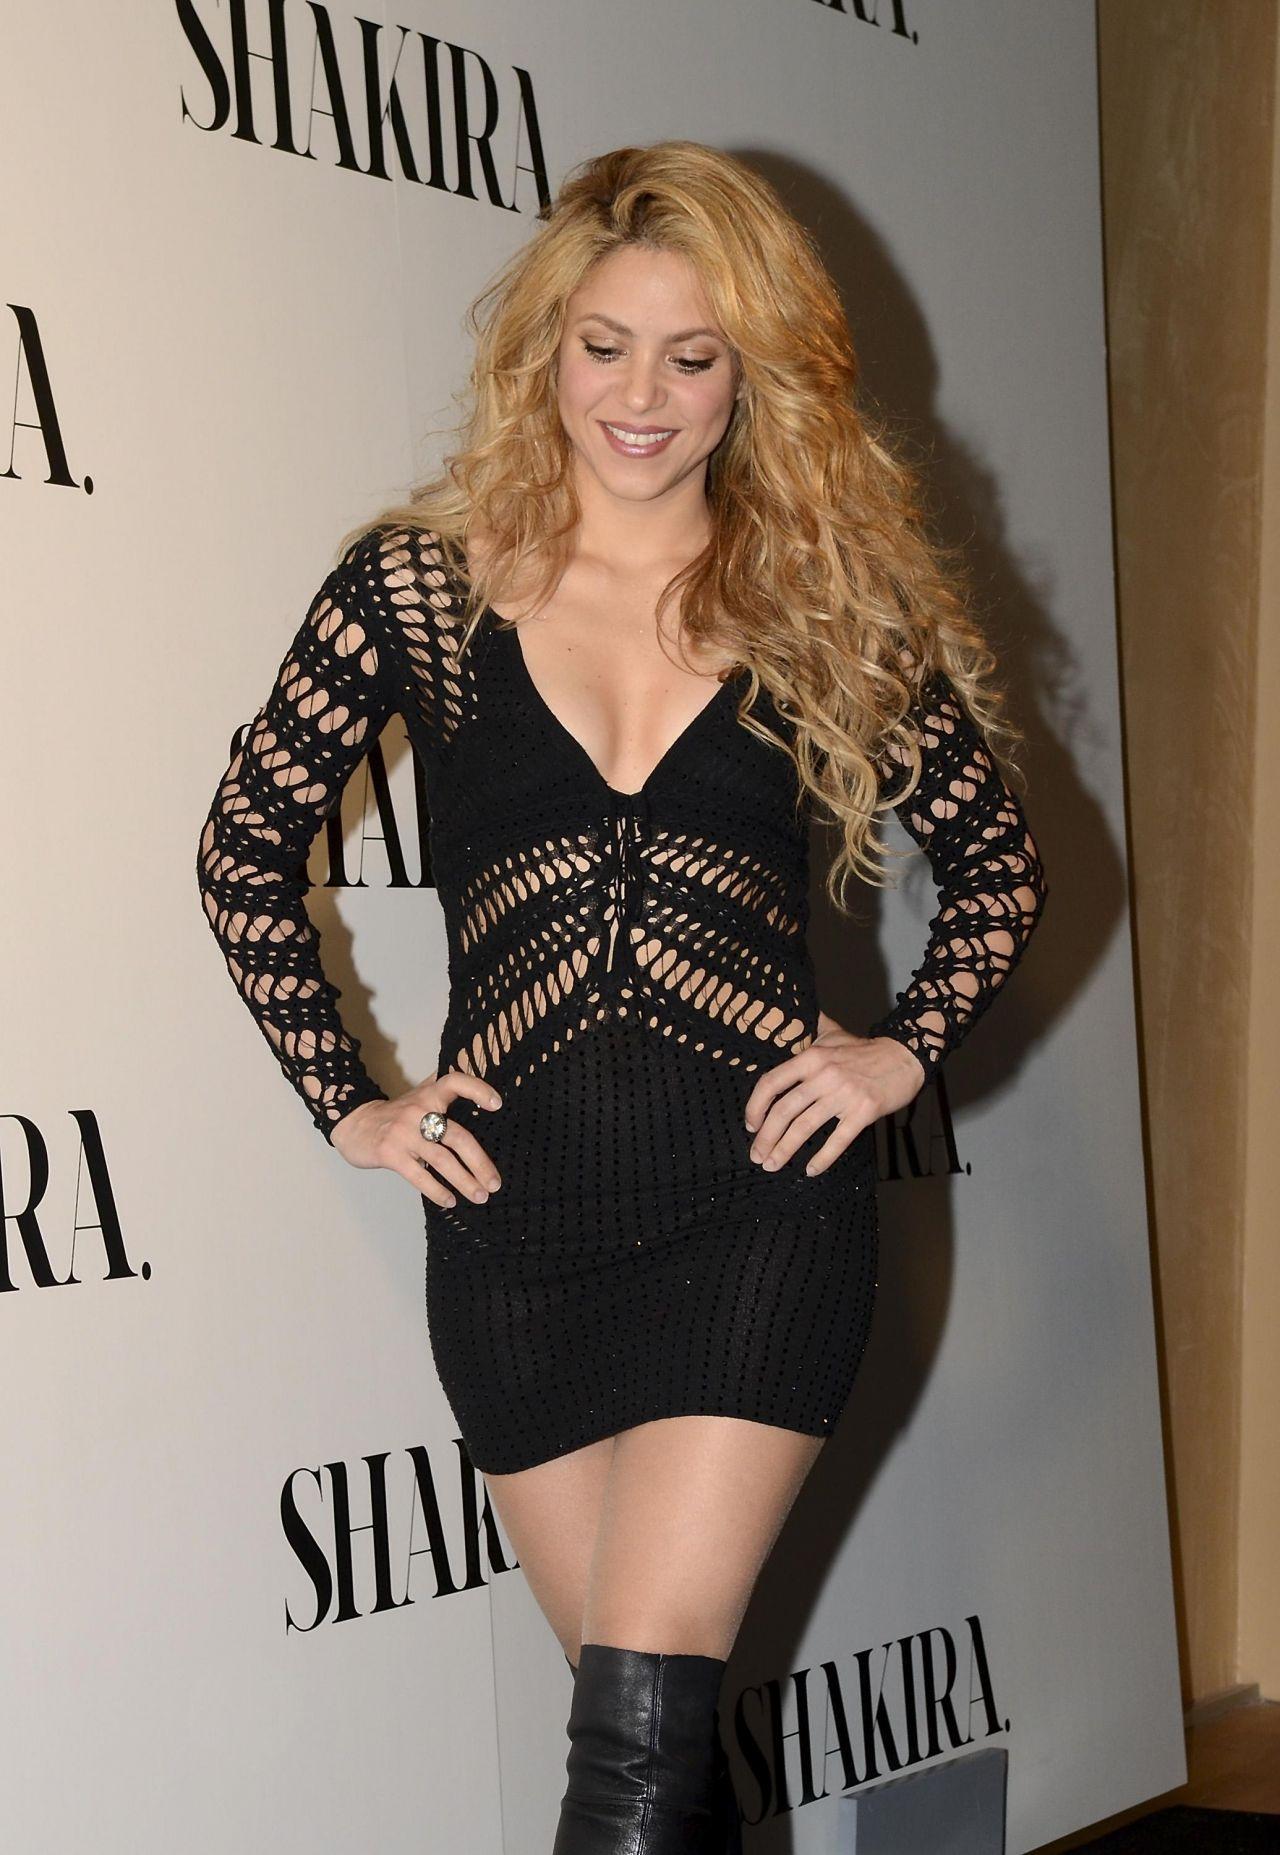 Shakira 2014 Album Photocall In Spain